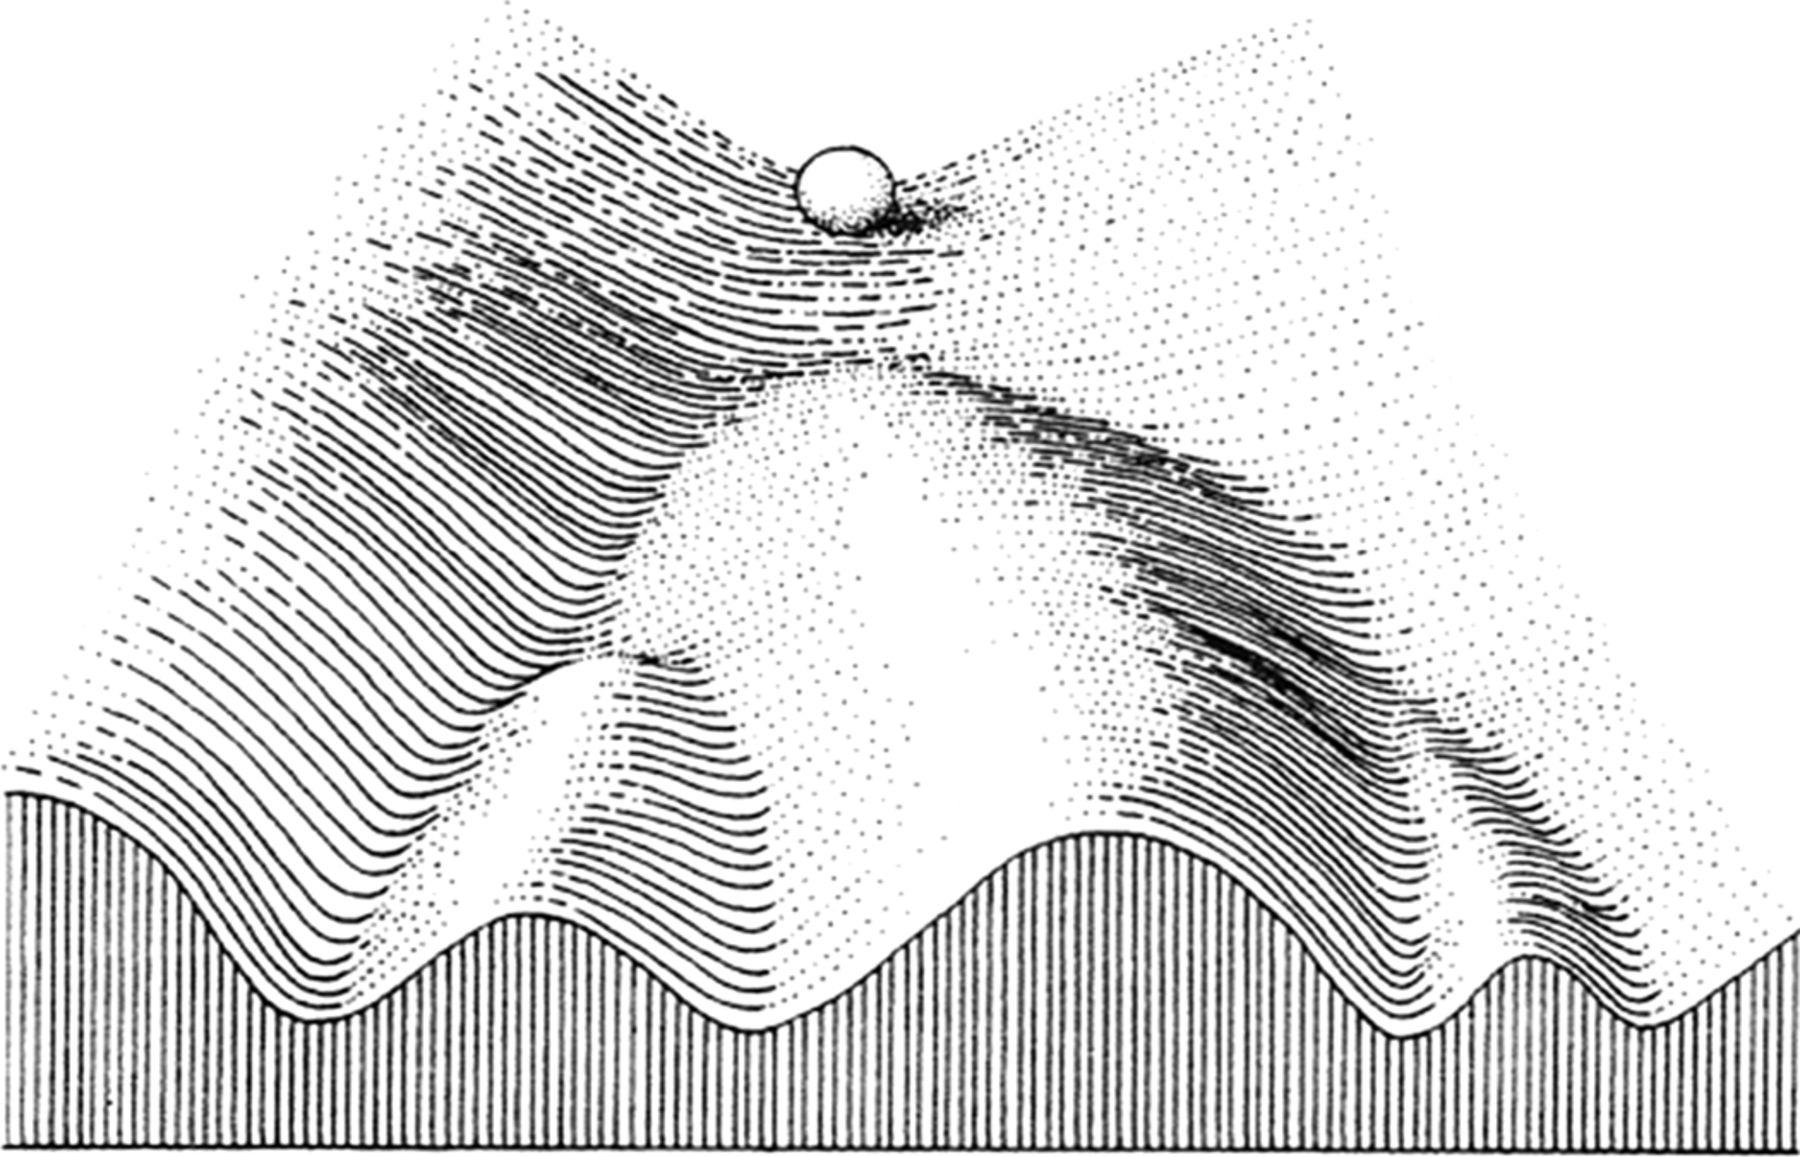 Waddington's epigenetic landscape, and being 'optimally autistic'